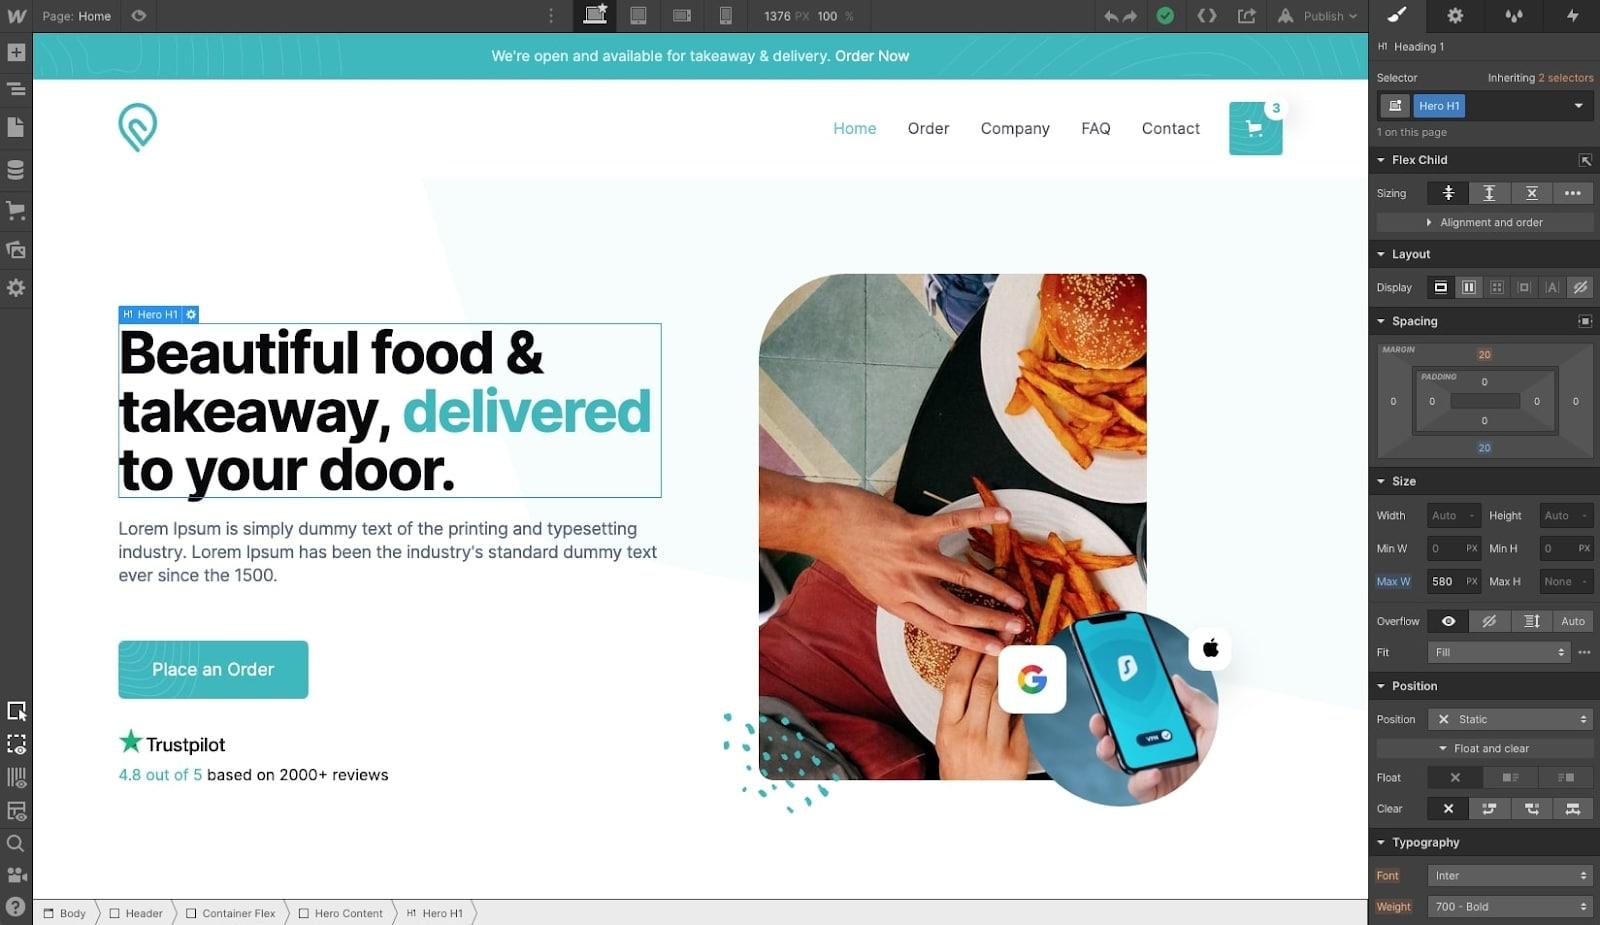 Webflow's website editor in use